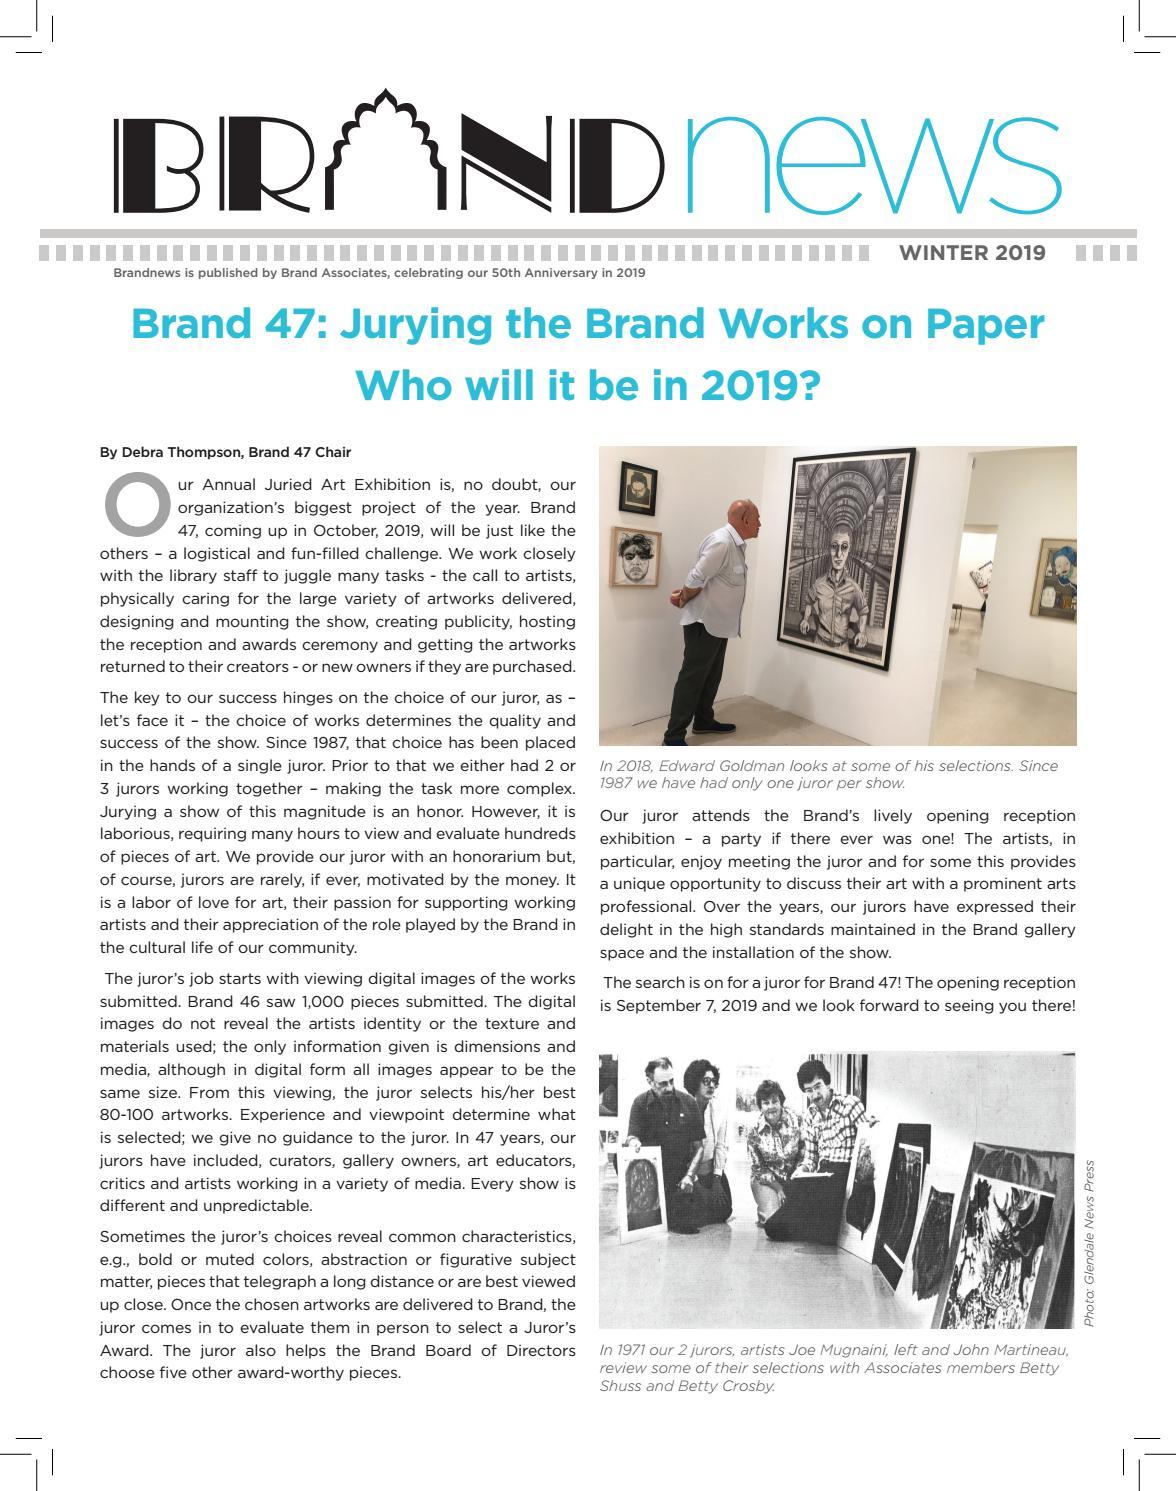 Brand Associates Newsletter Winter 2019 by Brand Associates